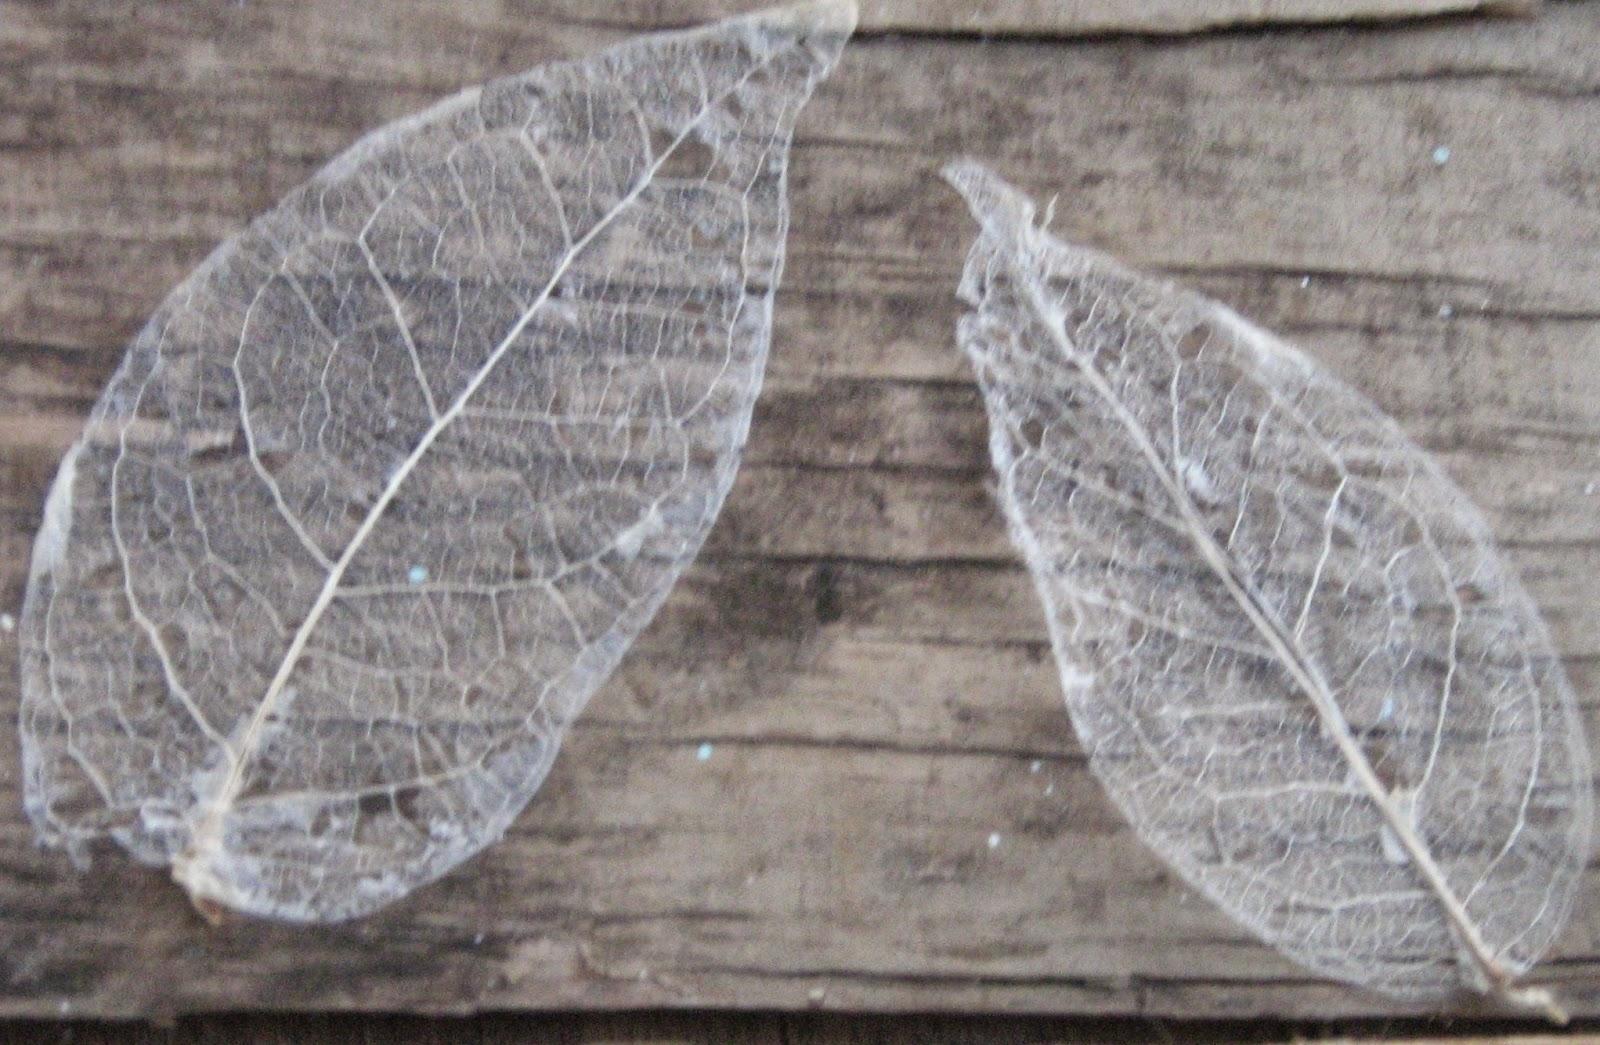 How to make skeleton leaves 2